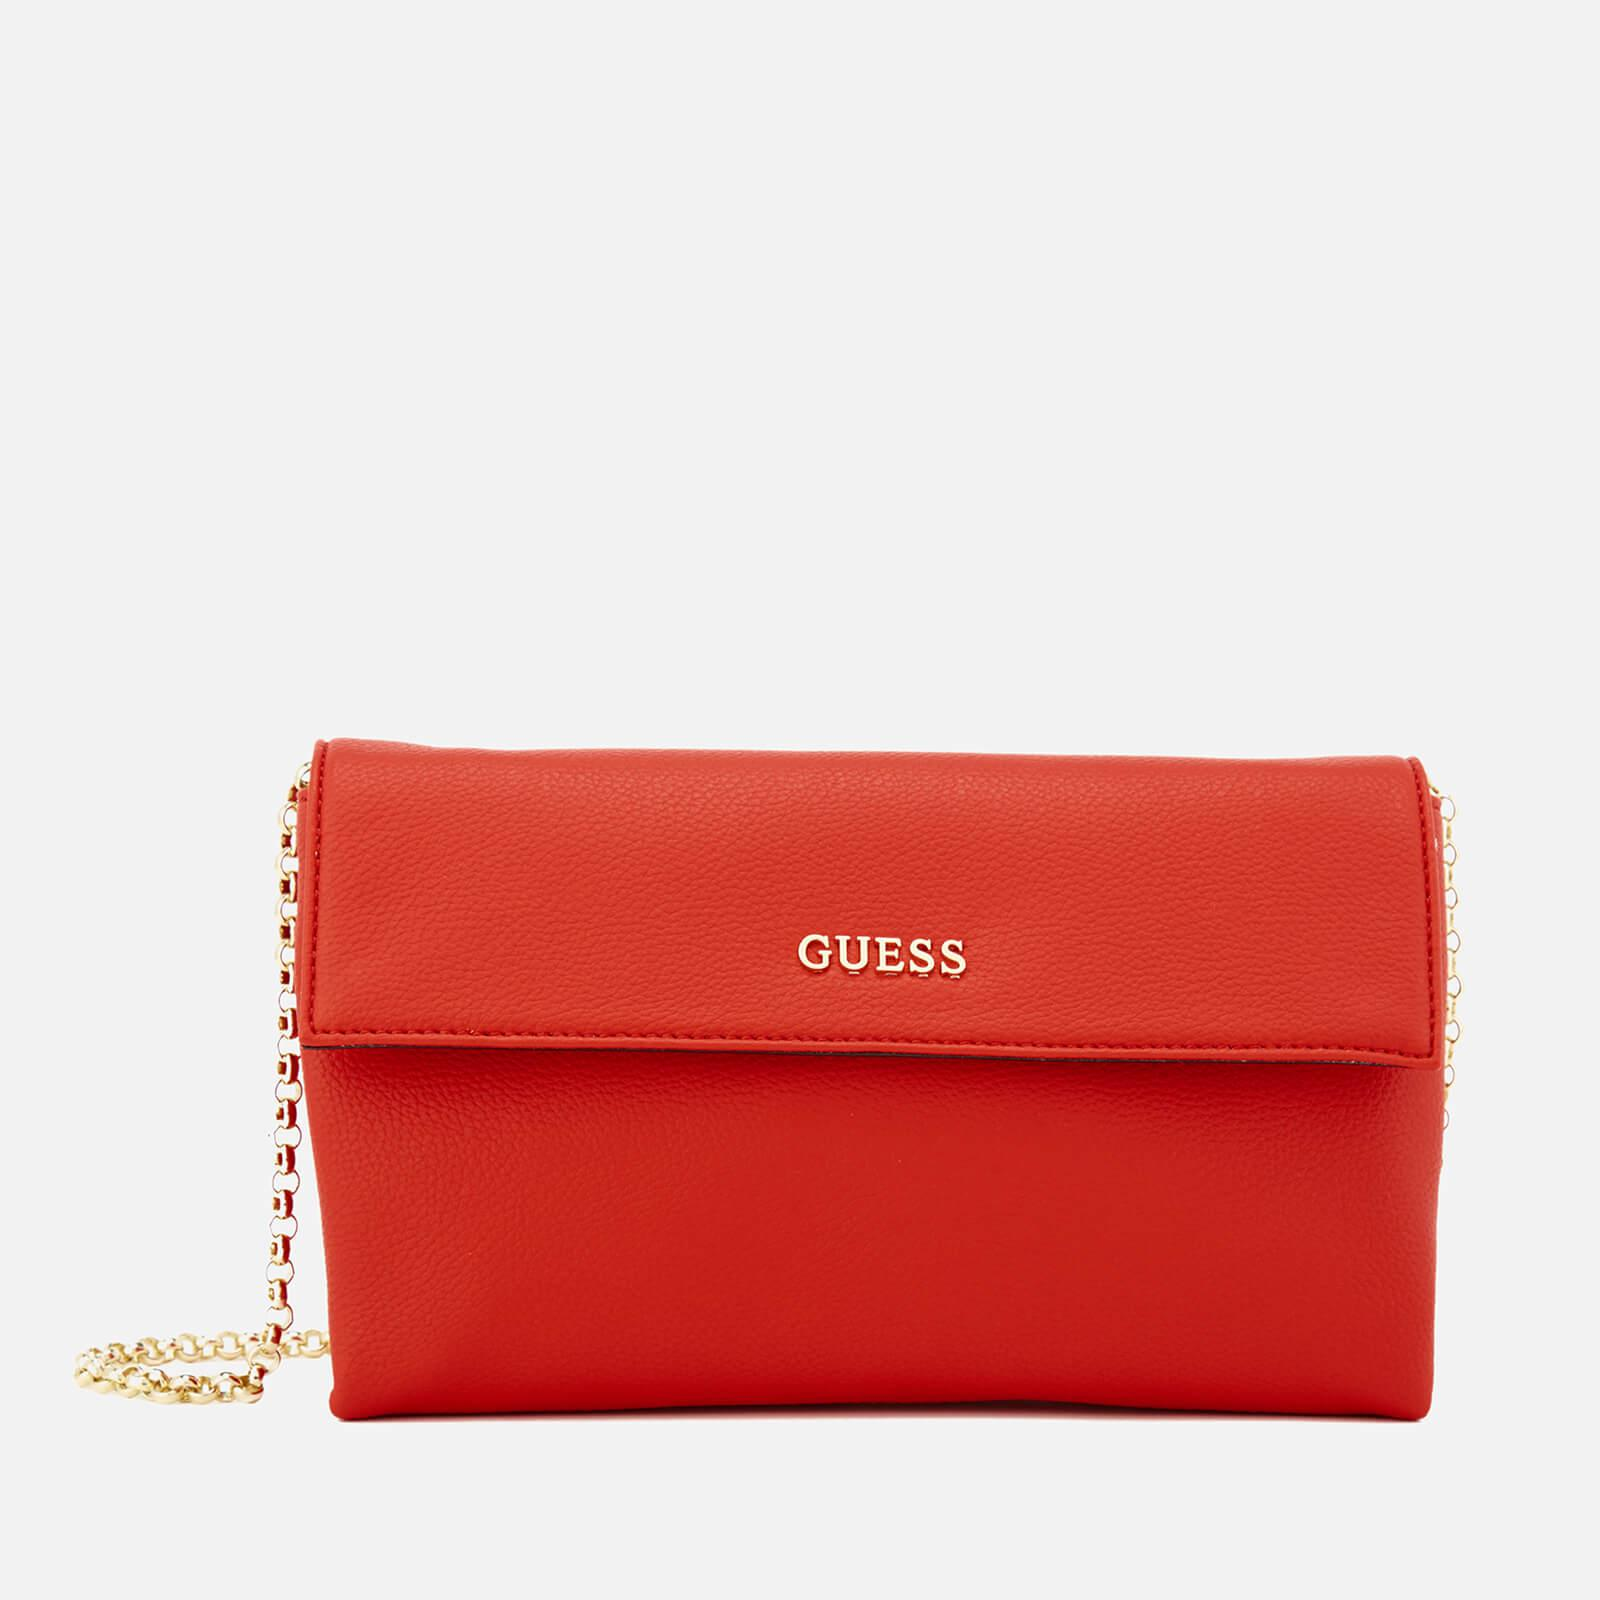 Lyst - Guess Tulip Envelope Clutch Bag in Red 5716a1c0c4a8e